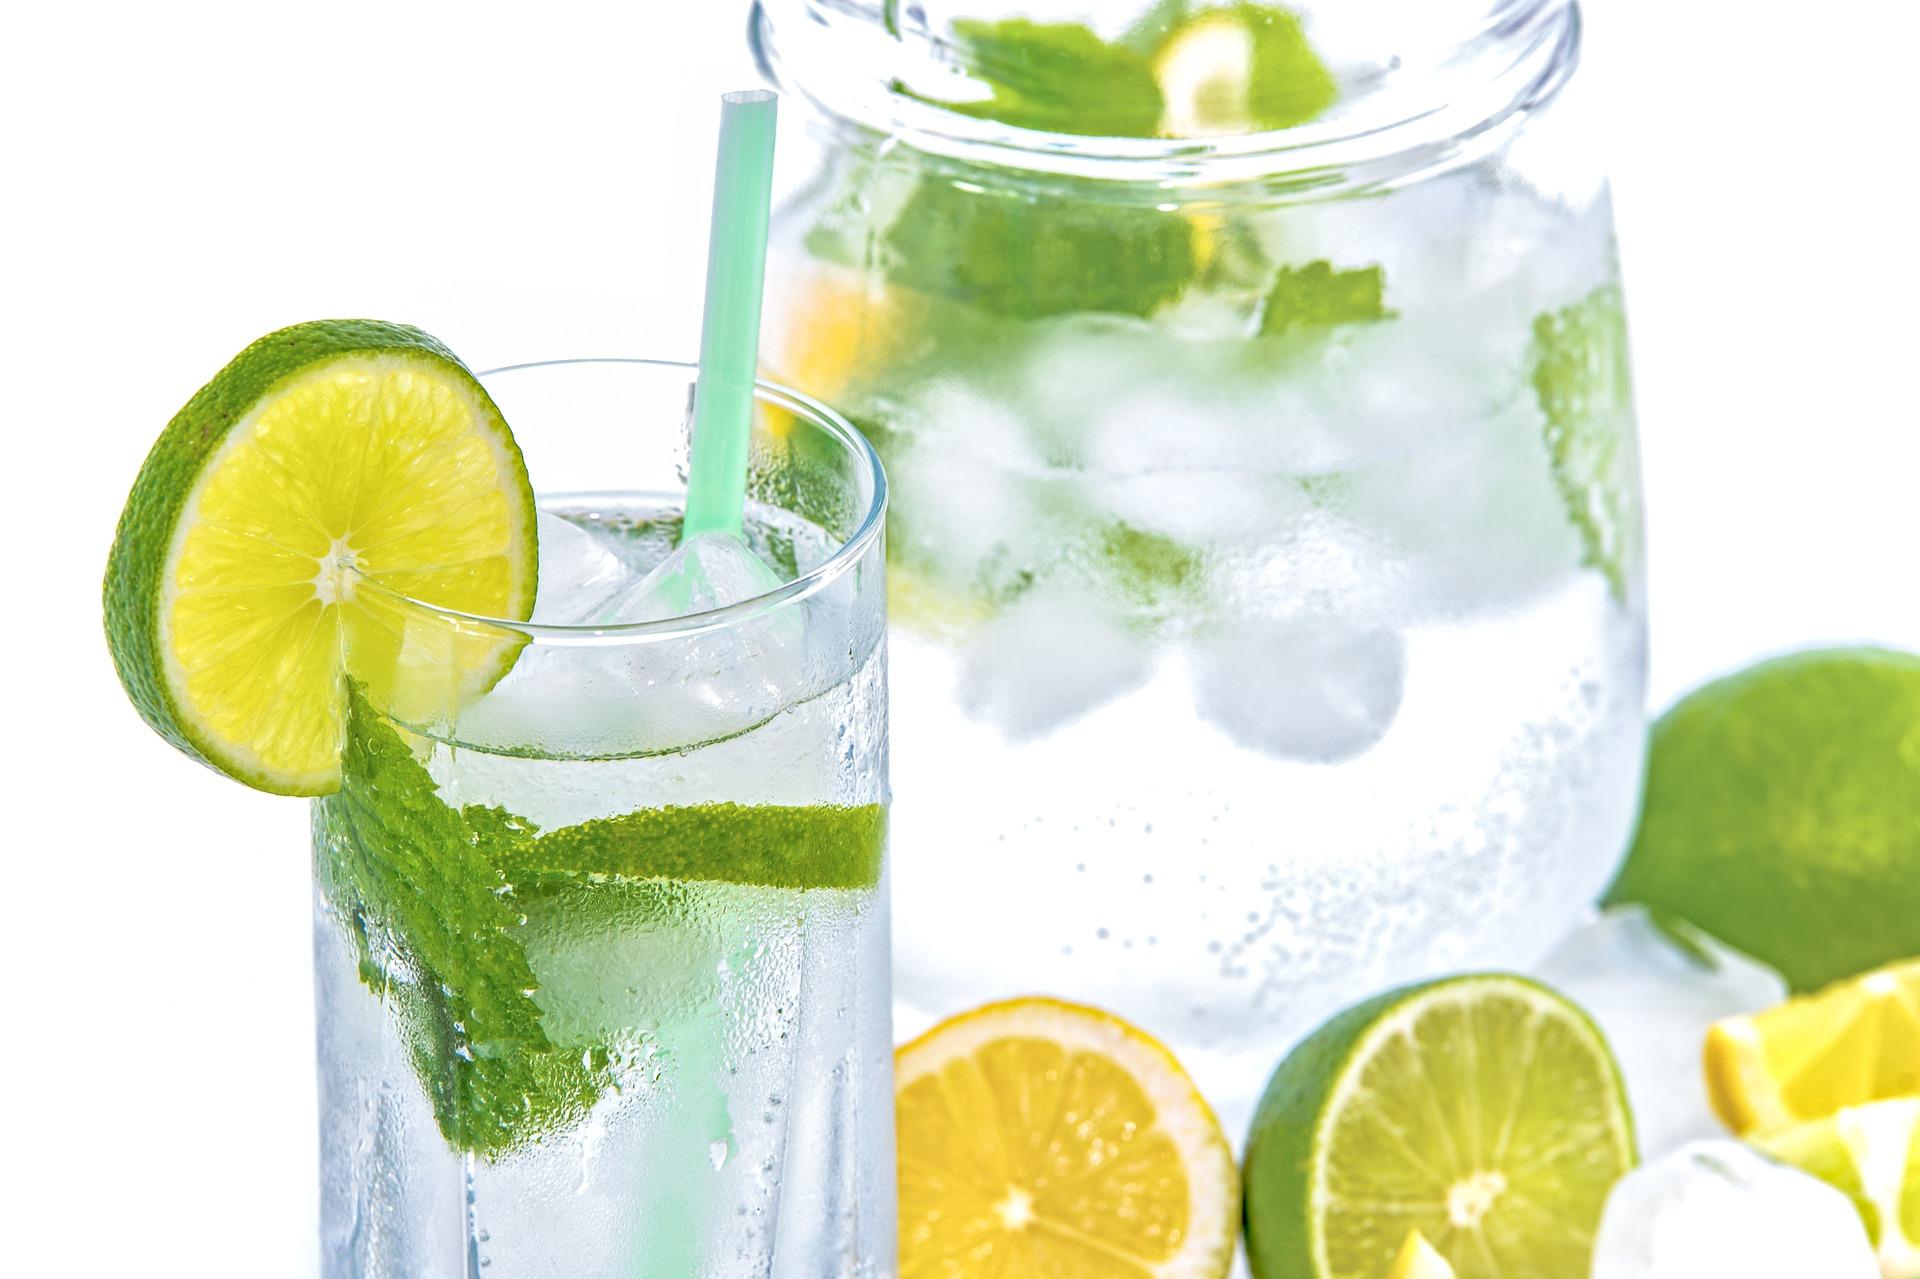 Как бороться слетней жарой: квас, вода или лимонад?